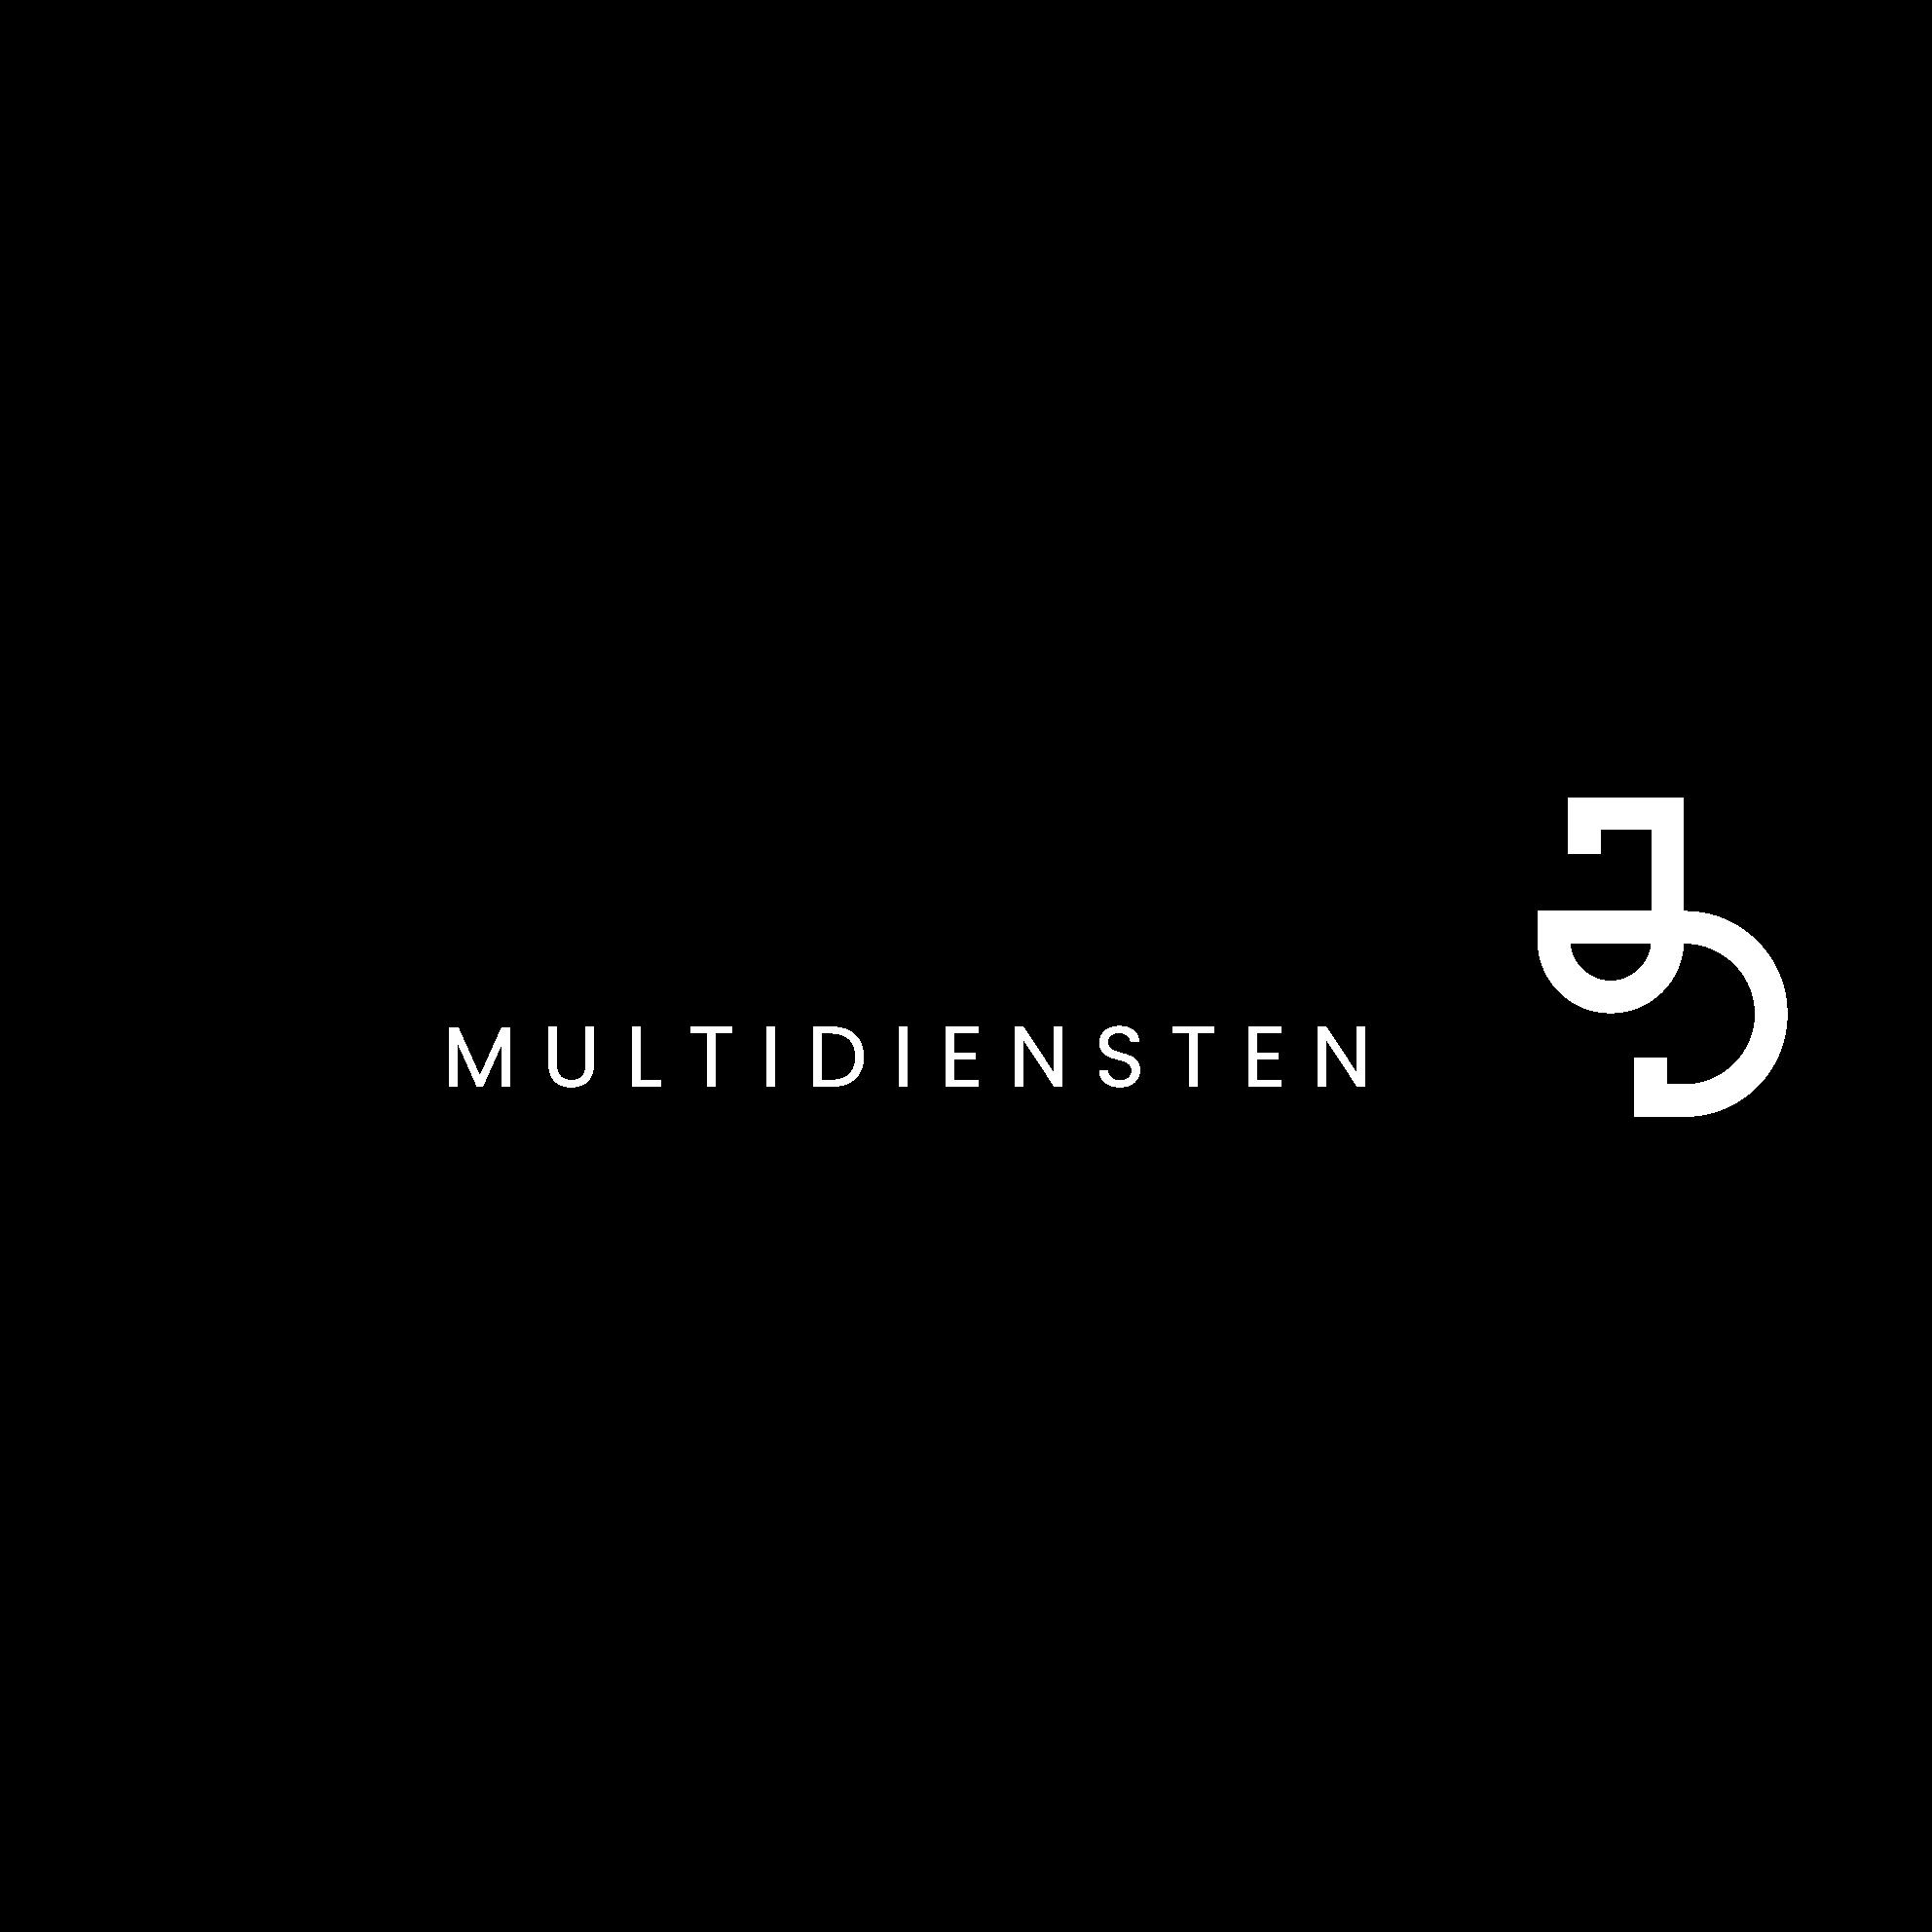 J.Doorneweerd Multidiensten